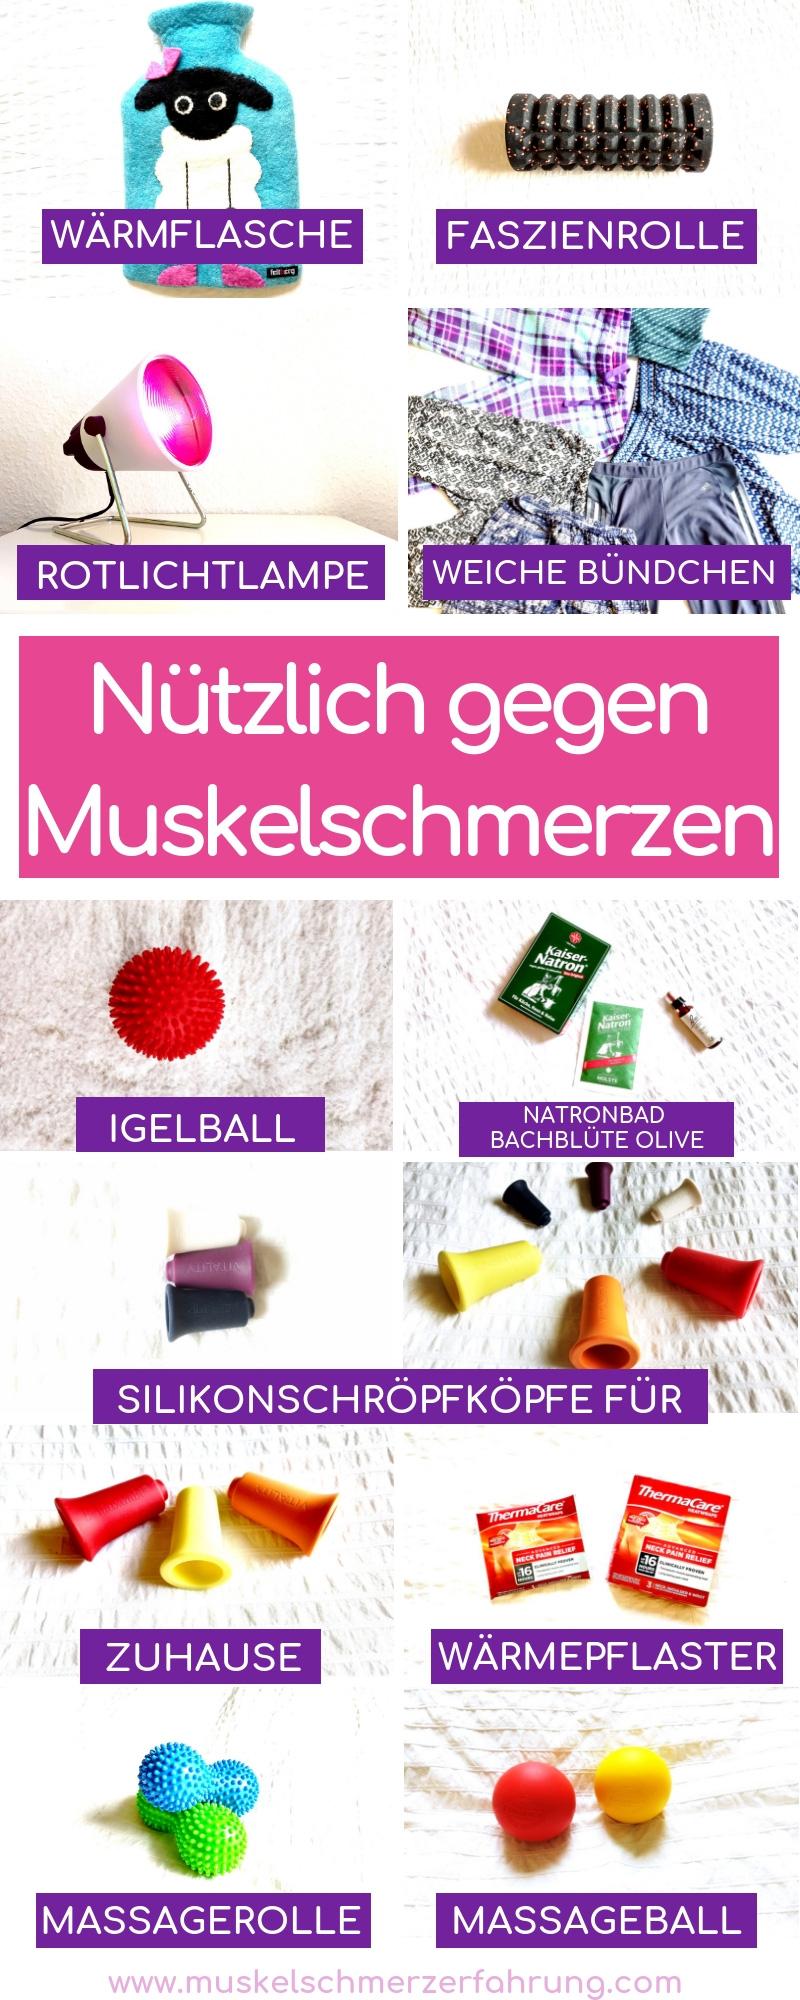 nützliche Dinge gegen Muskelschmerzen Wärmflasche, Wärmepflaster, Silikonschröpfköpfe, Igelball, Massageball und -rolle, Rotlichtlampe, Natronbad